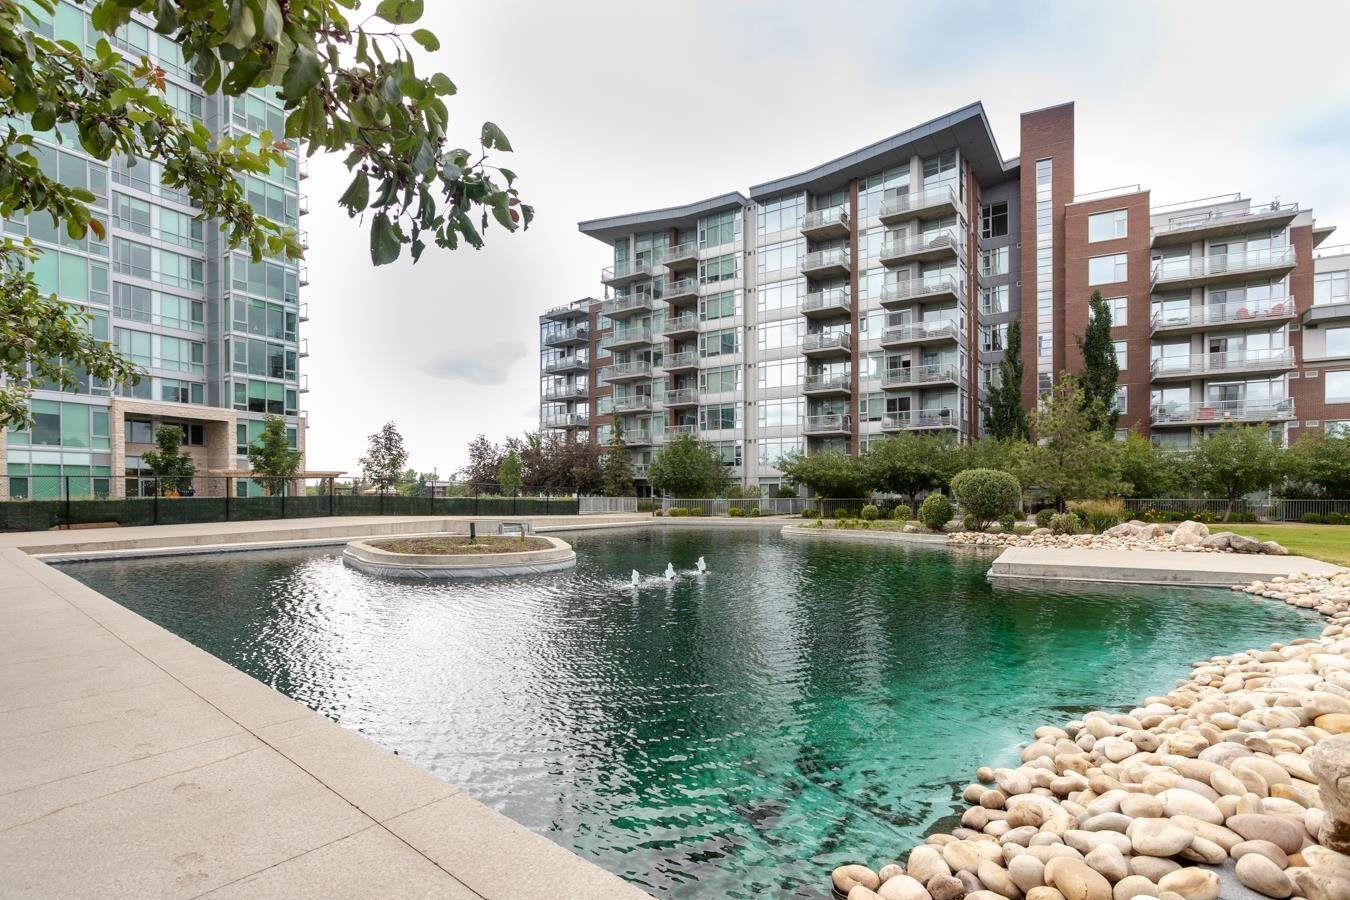 Main Photo: 104 2606 109 Street in Edmonton: Zone 16 Condo for sale : MLS®# E4253410